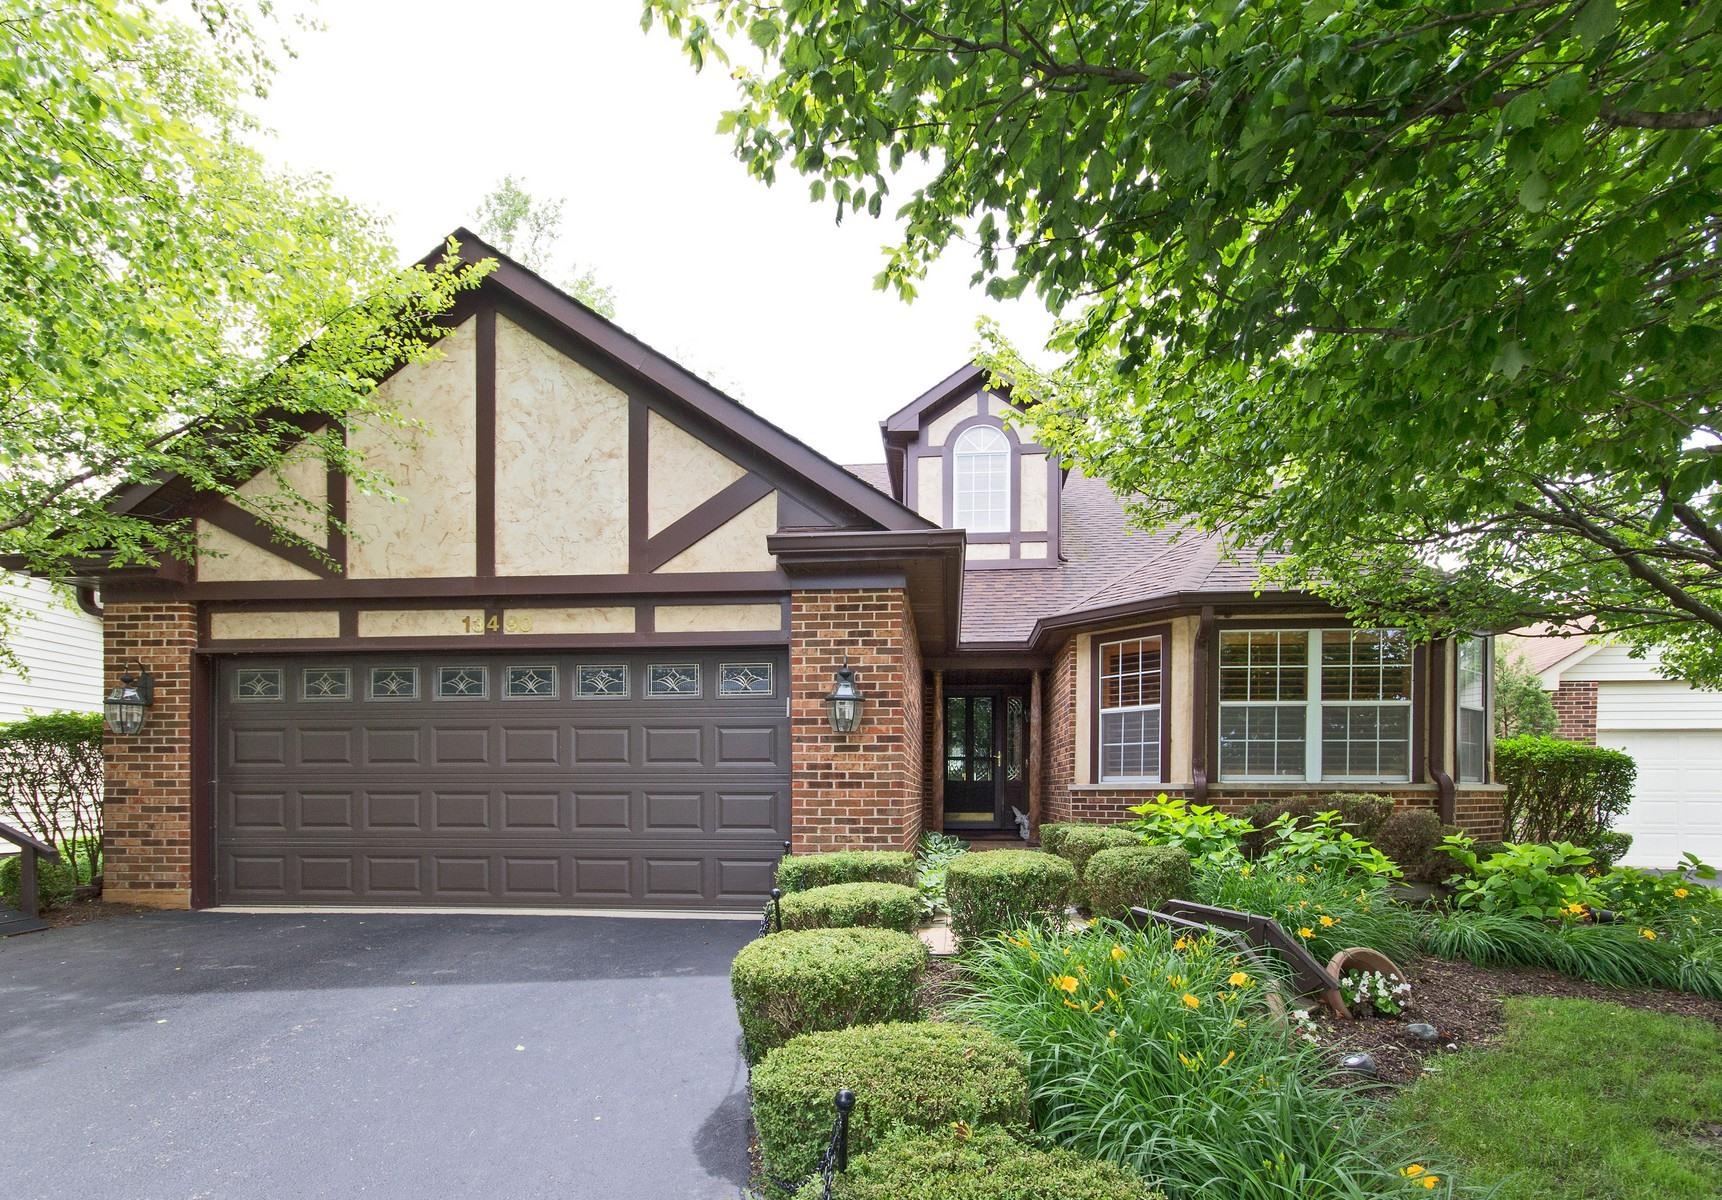 Casa para uma família para Venda às Must See! One-of-a-Kind, Beautiful Home 13490 Redberry Circle Plainfield, Illinois, 60544 Estados Unidos